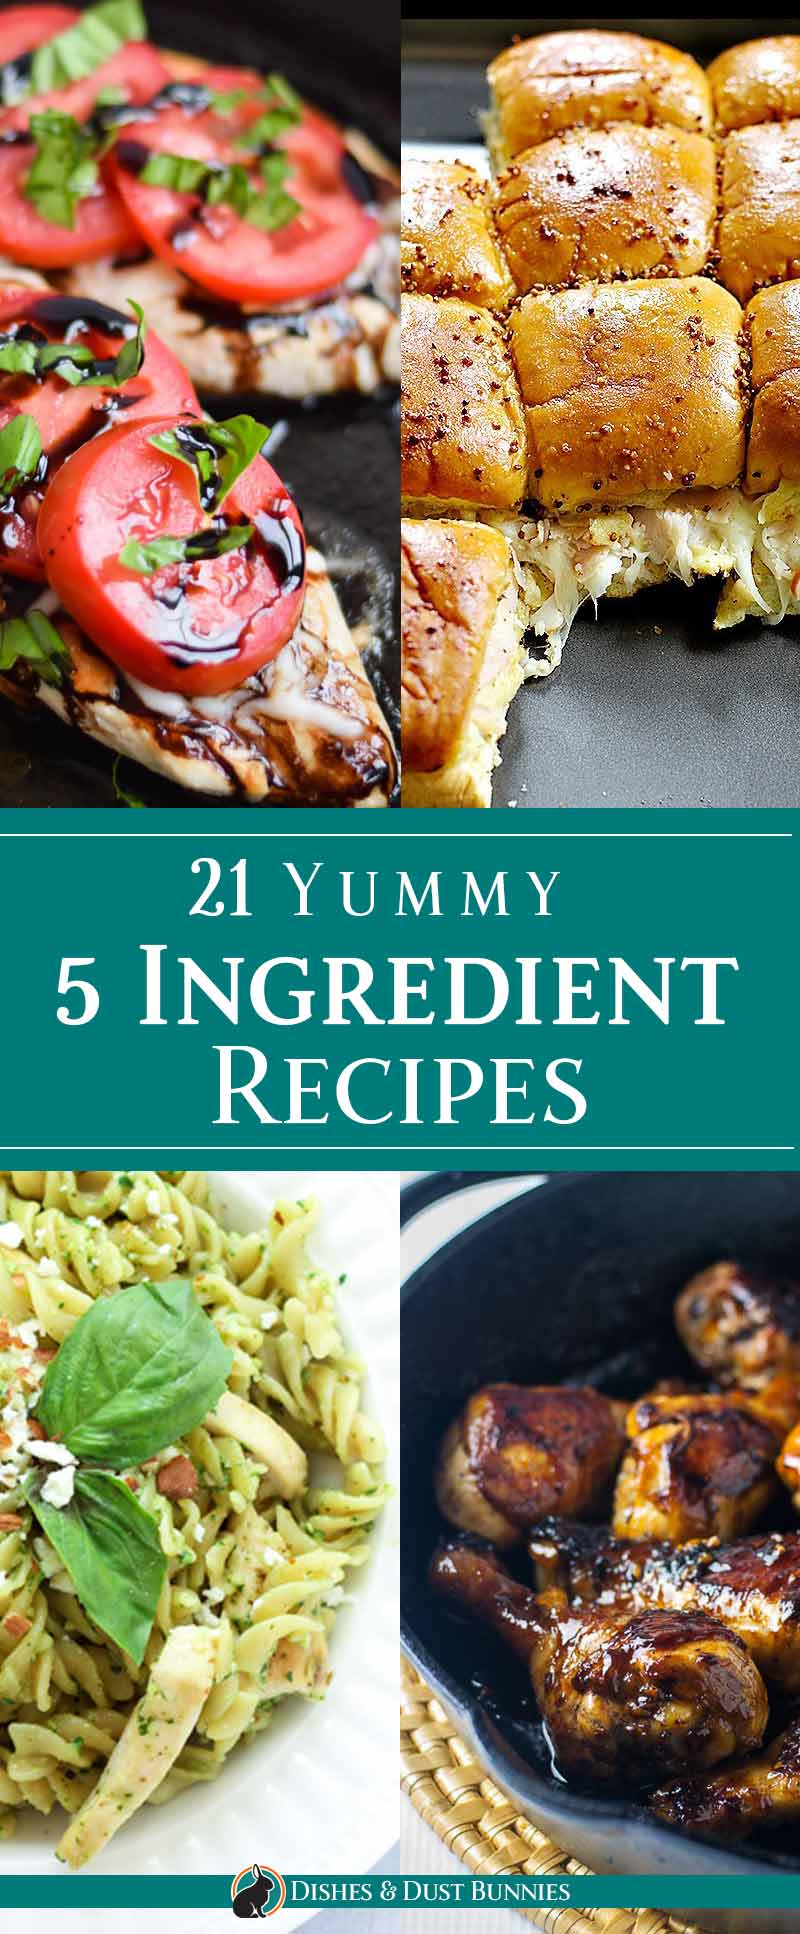 21 Yummy 5 Ingredient Recipes - dishesanddustbunnies.com